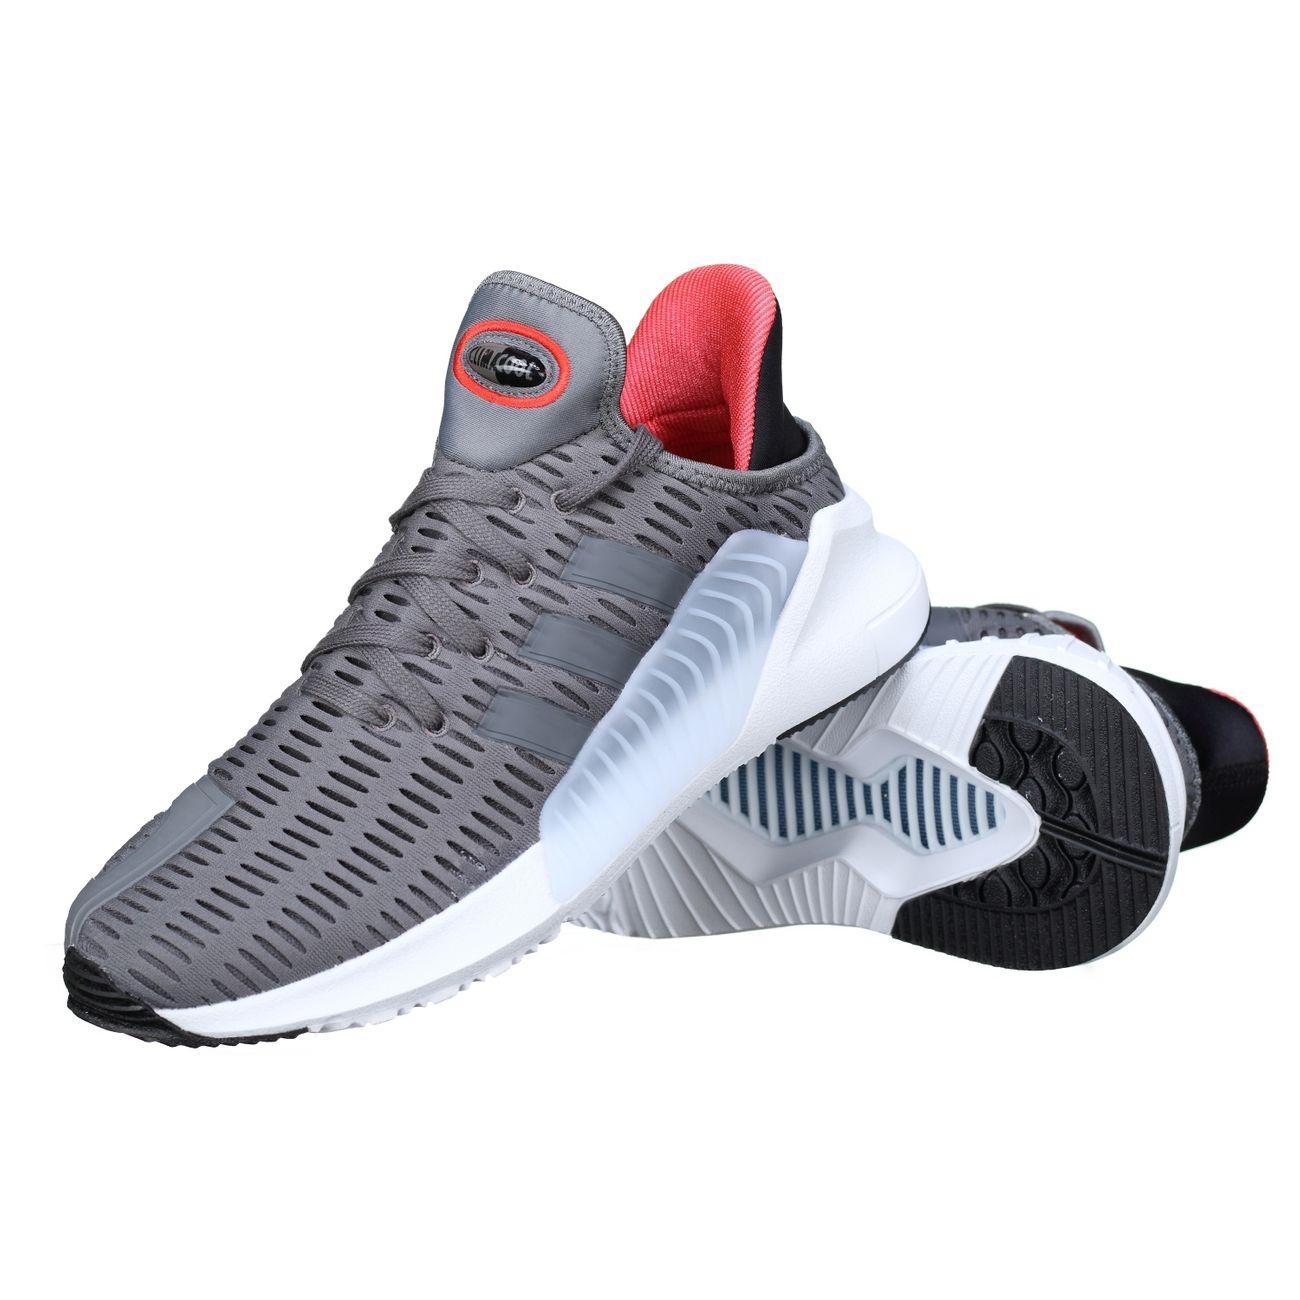 Adidas Baskets Climacool 0217 Grises Femme Gris 42 pas